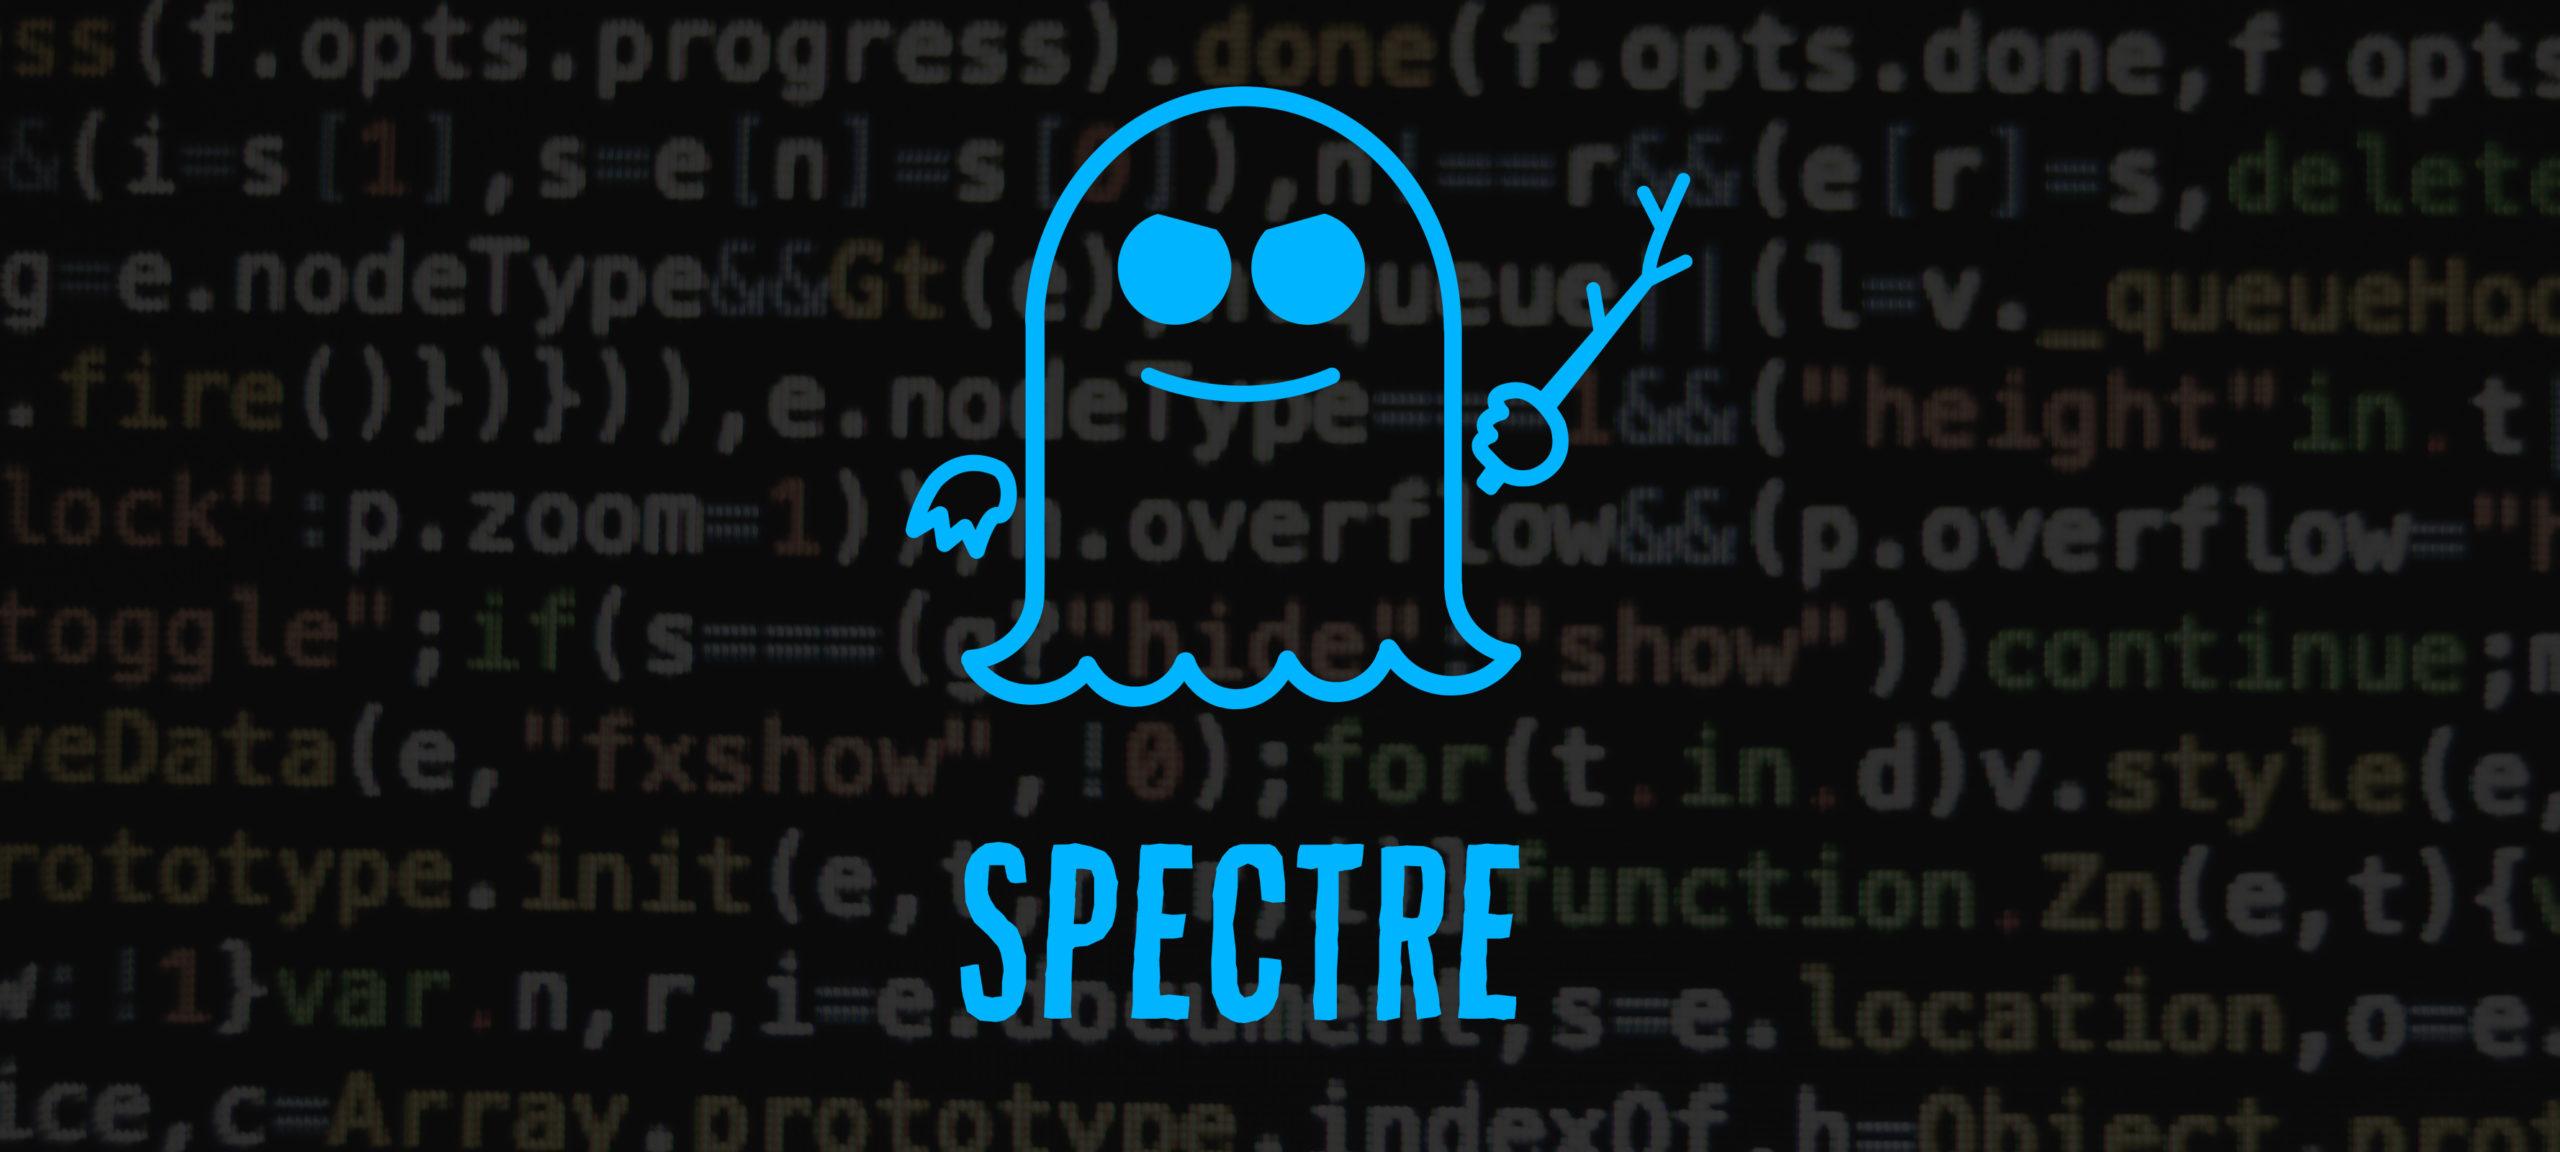 Spectre in code